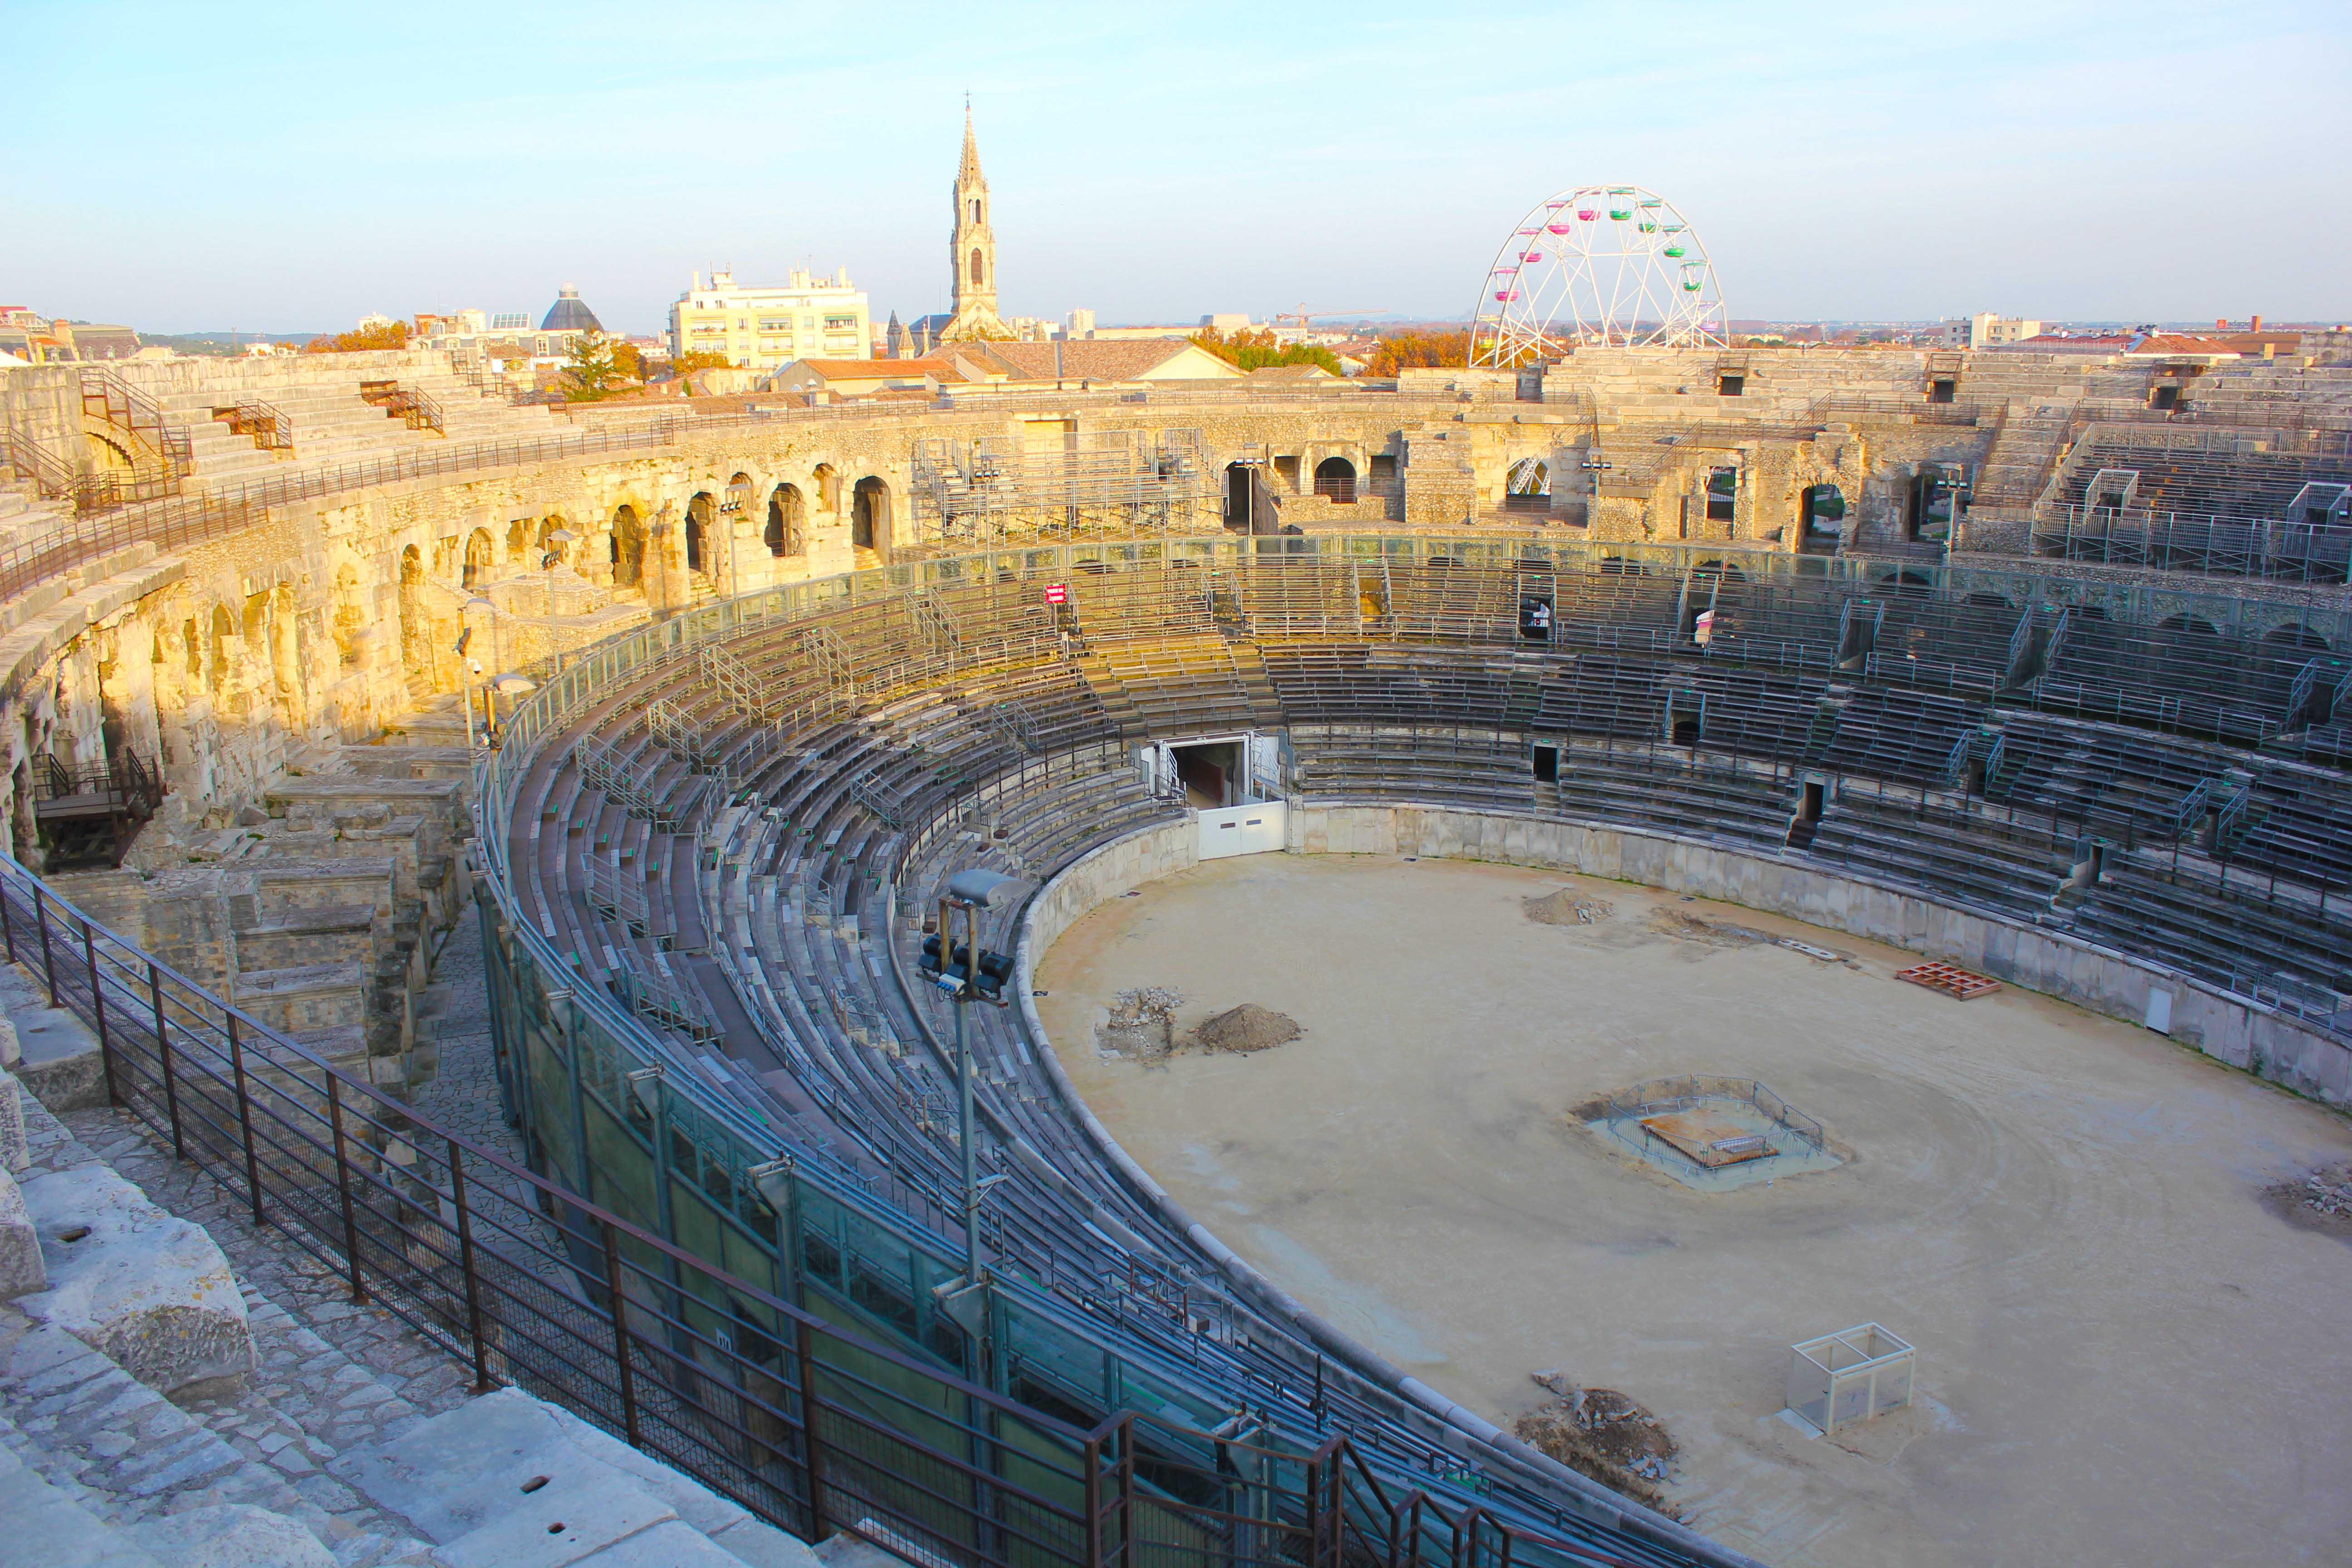 Parte da Arena de Nimes. O local estava em período de reparo quando realizamos a visita por lá